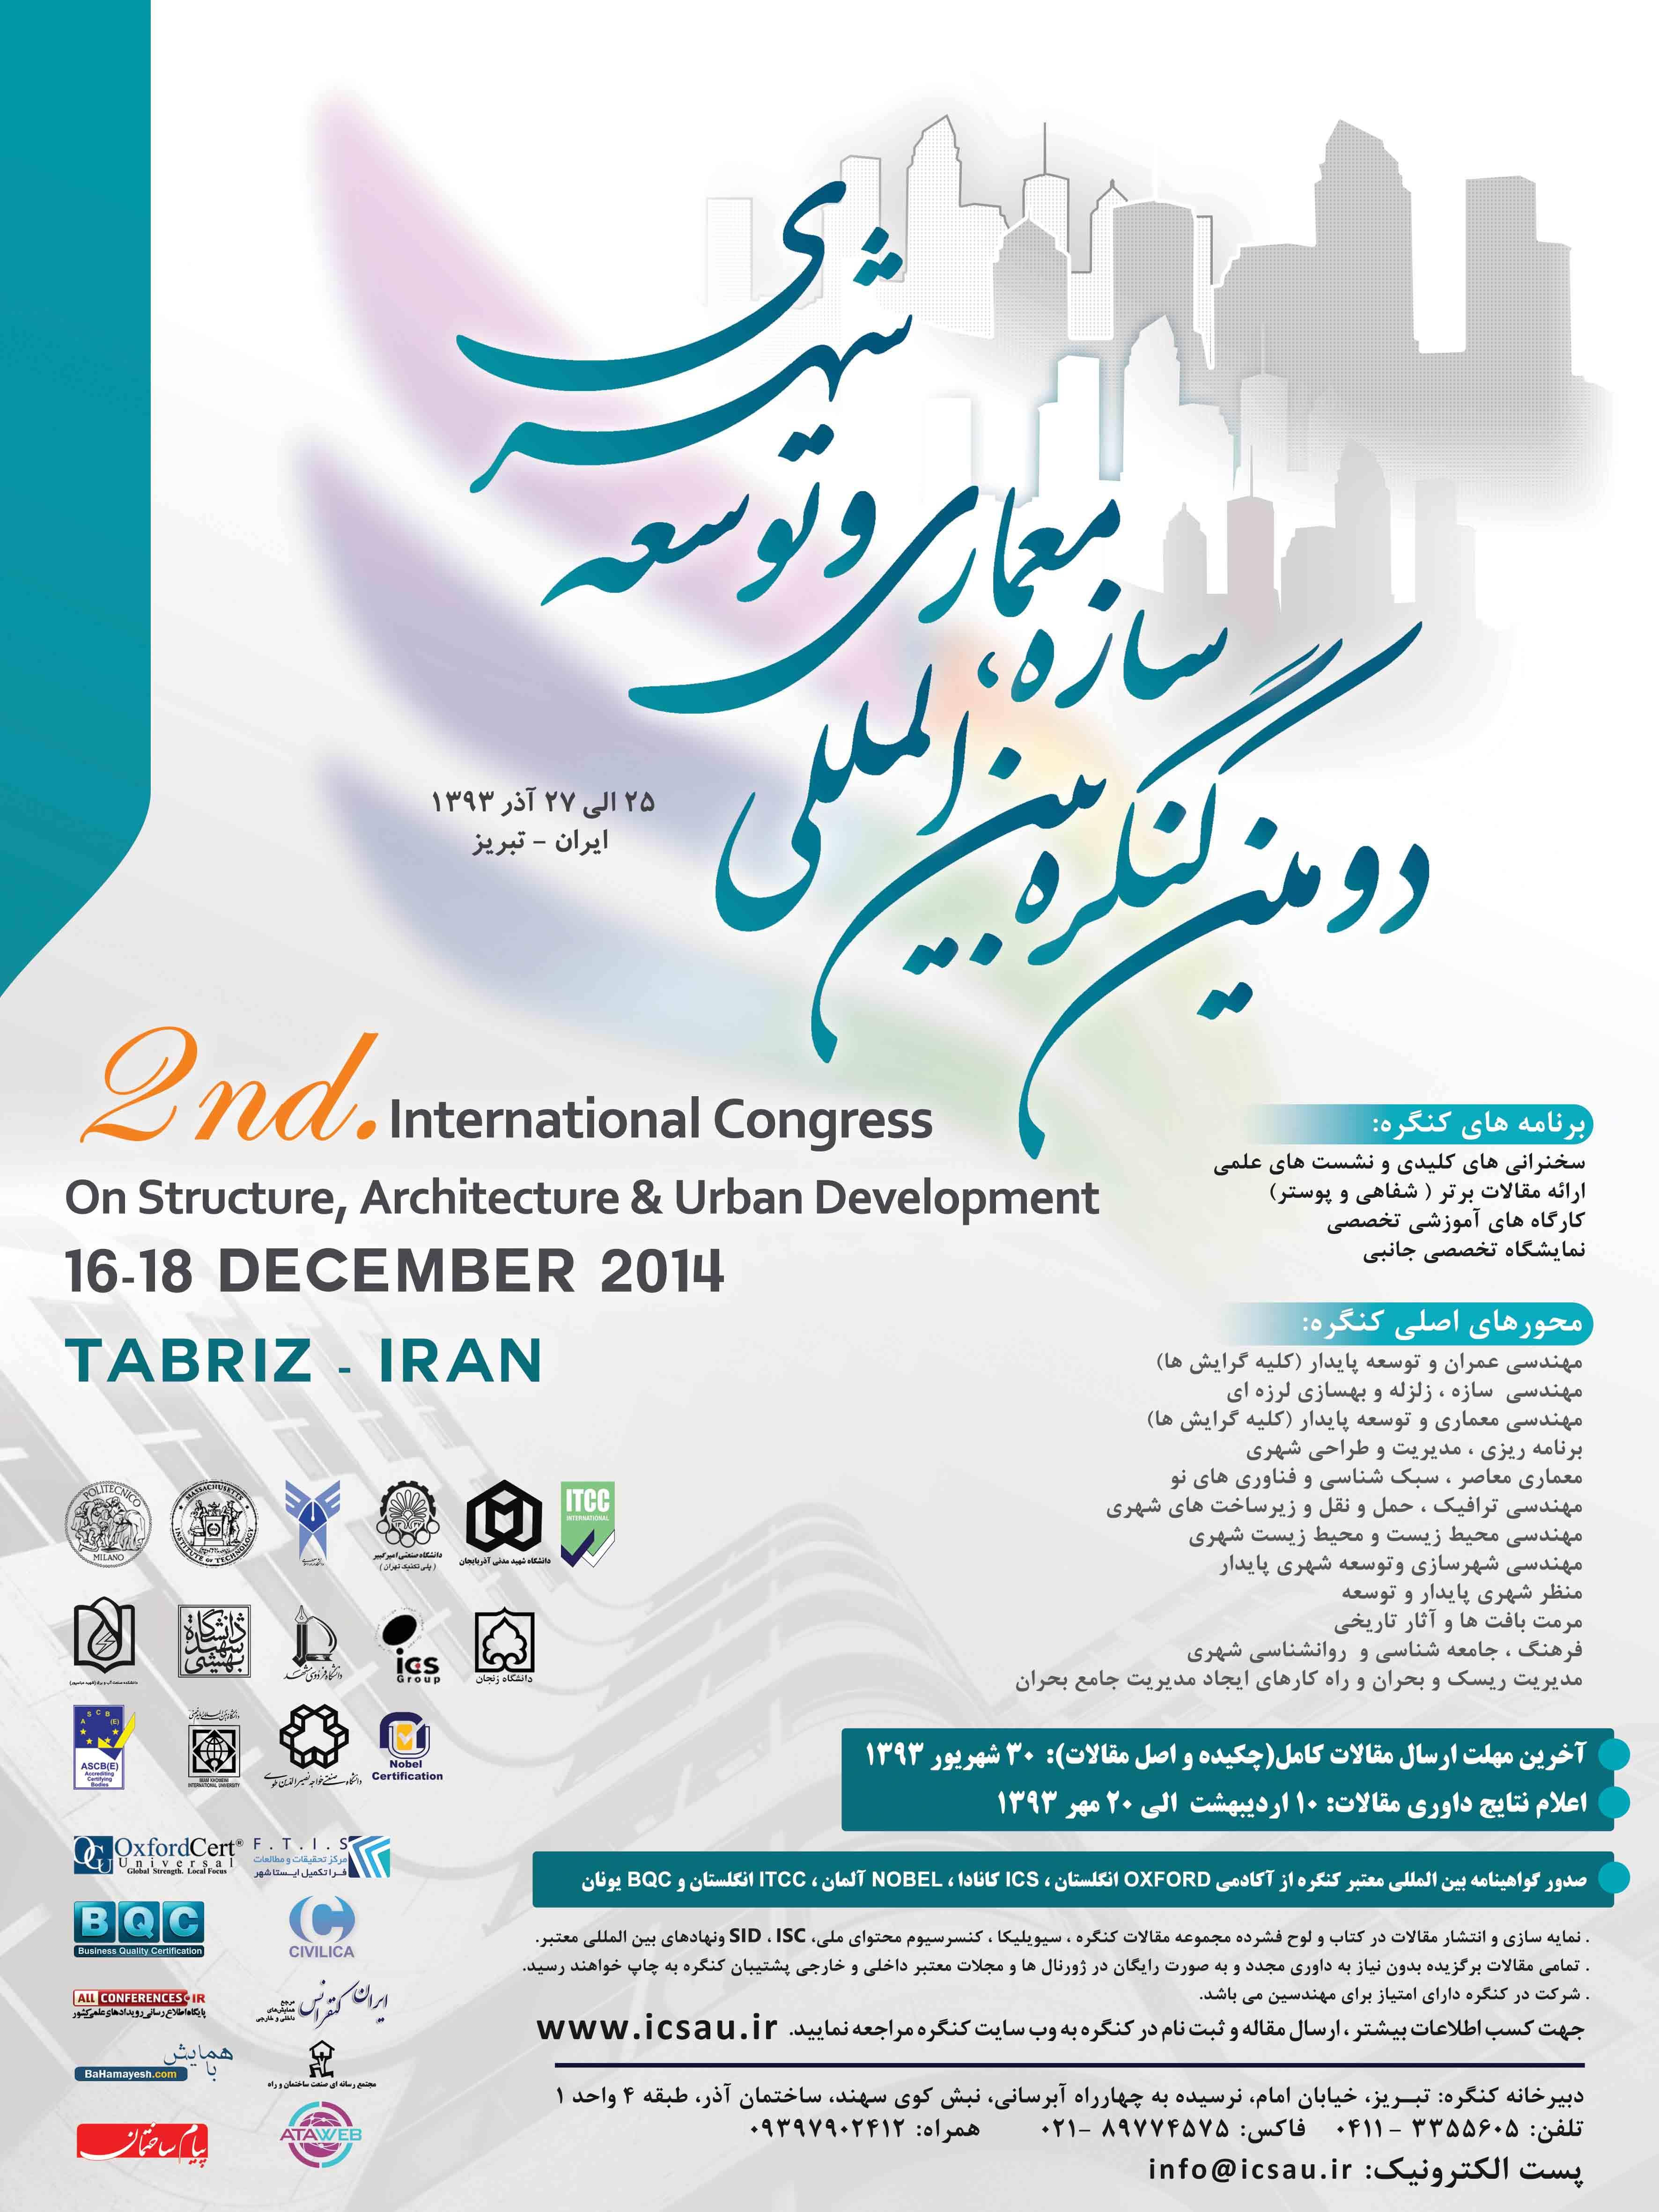 دومین کنگره بین المللی سازه، معماری و توسعه شهری